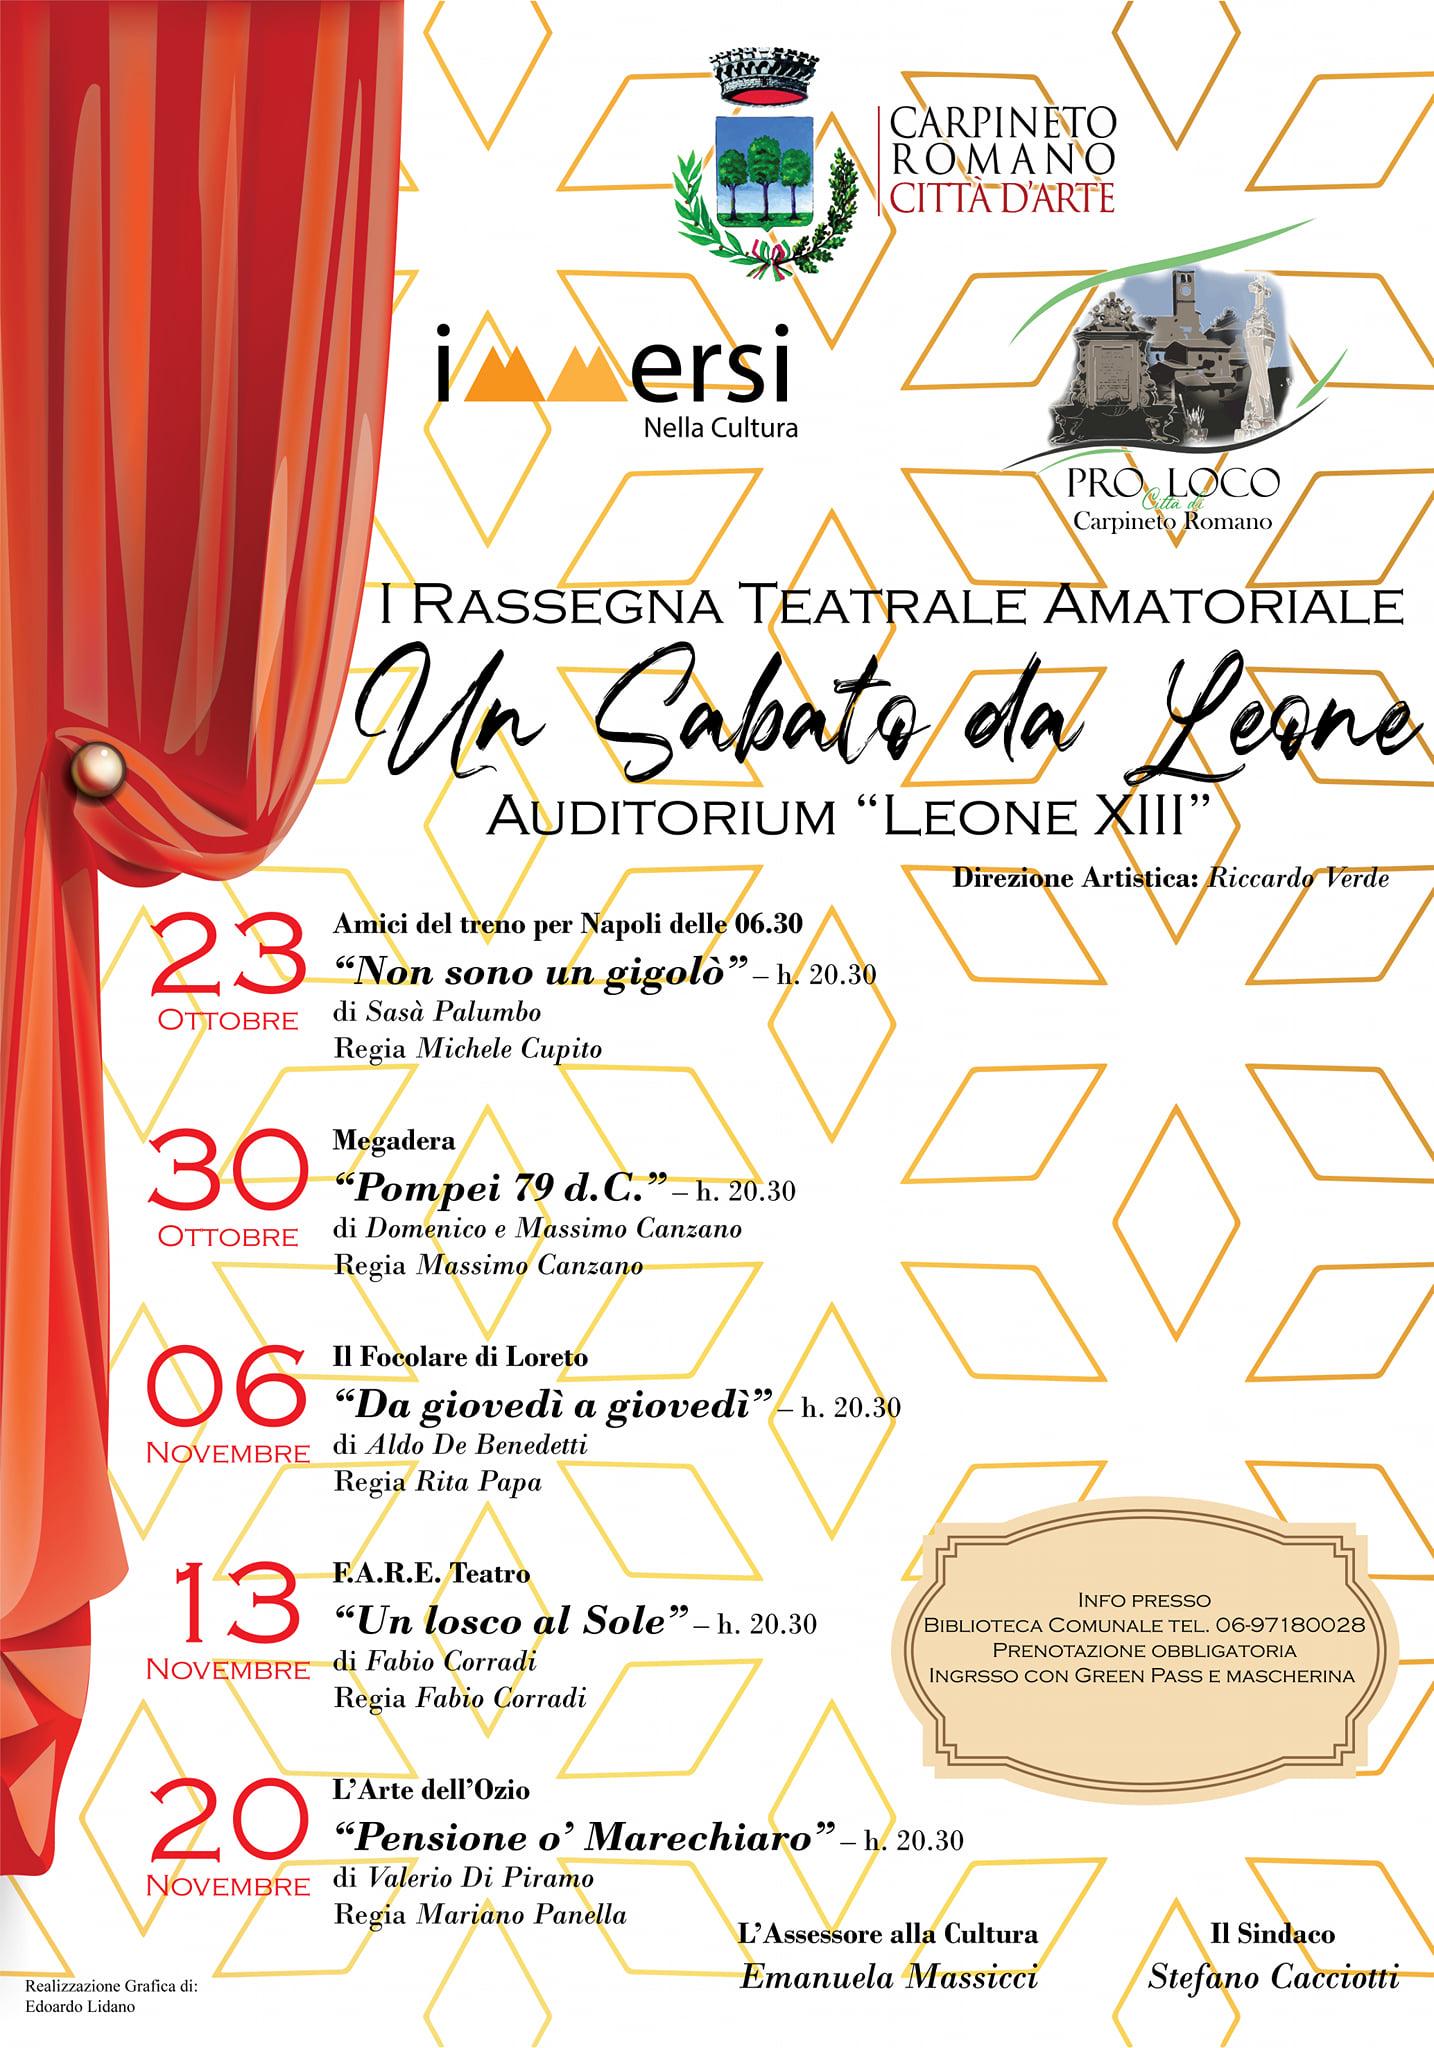 """Carpineto: Un Sabato da Leone - I Rassegna Teatrale Amatoriale @ Auditorium """"Leone XIII"""""""